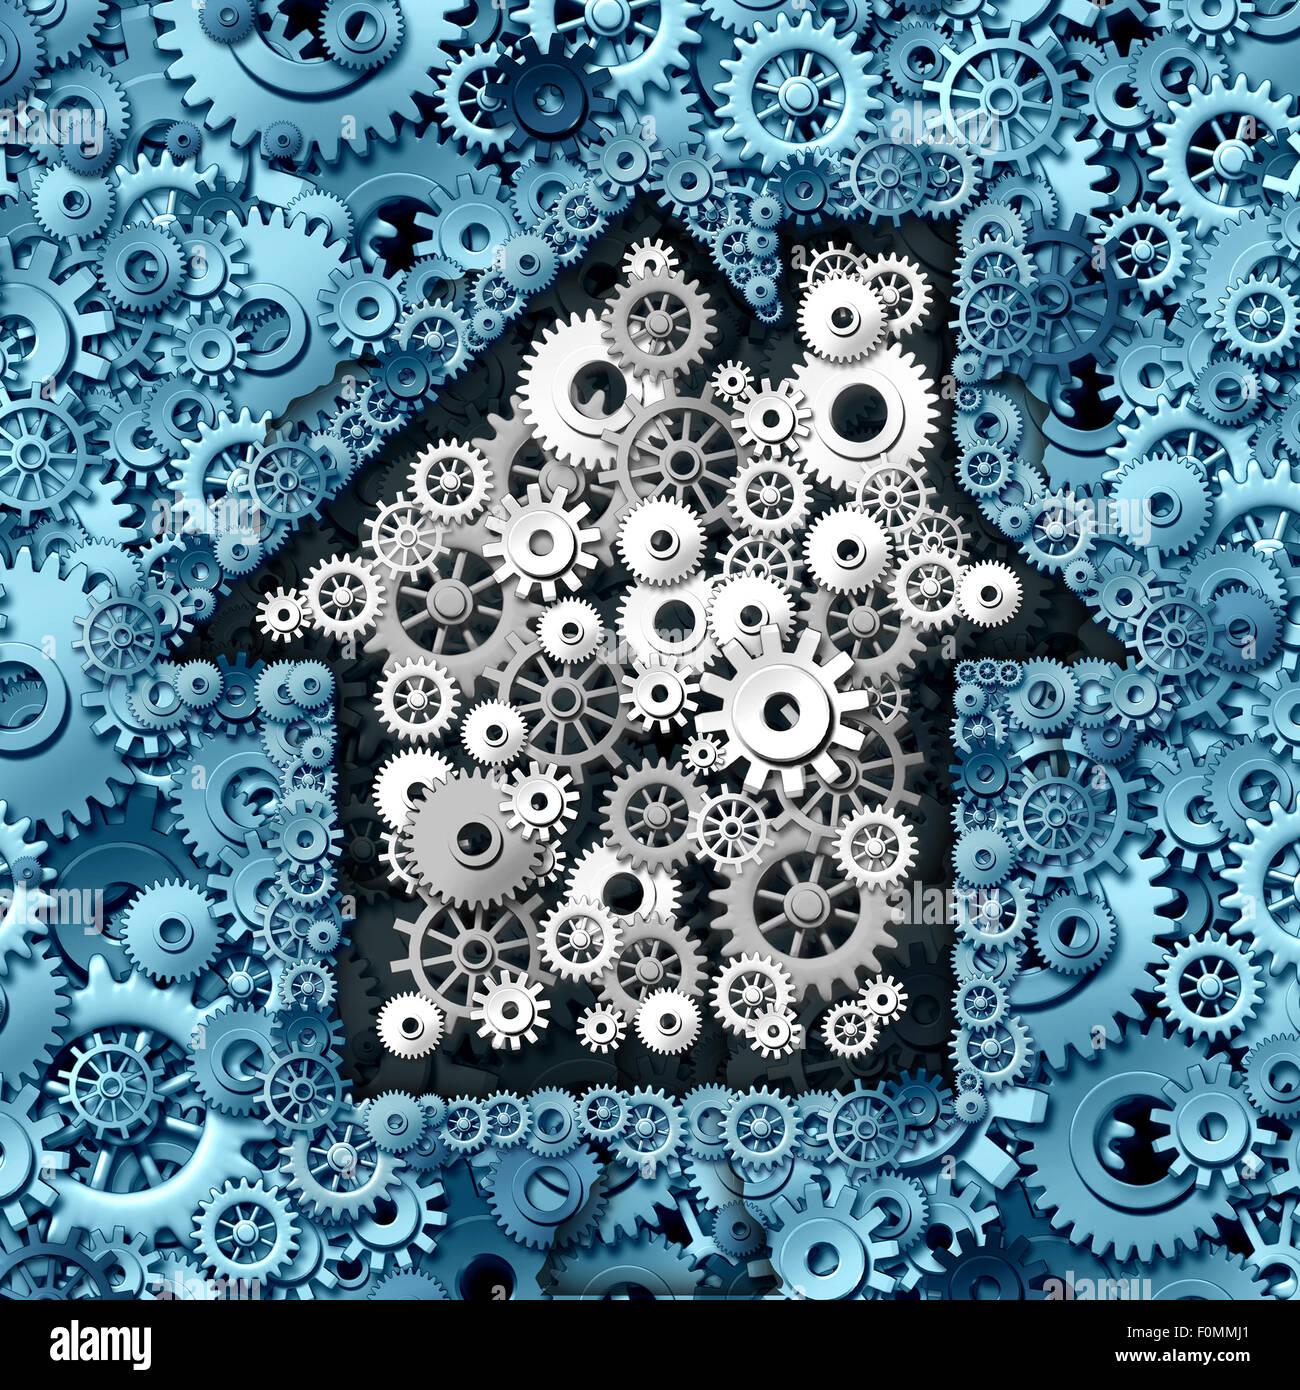 Immobilier concept comme maison ou home automation faite d'engrenages et de roues à crémaillère Photo Stock